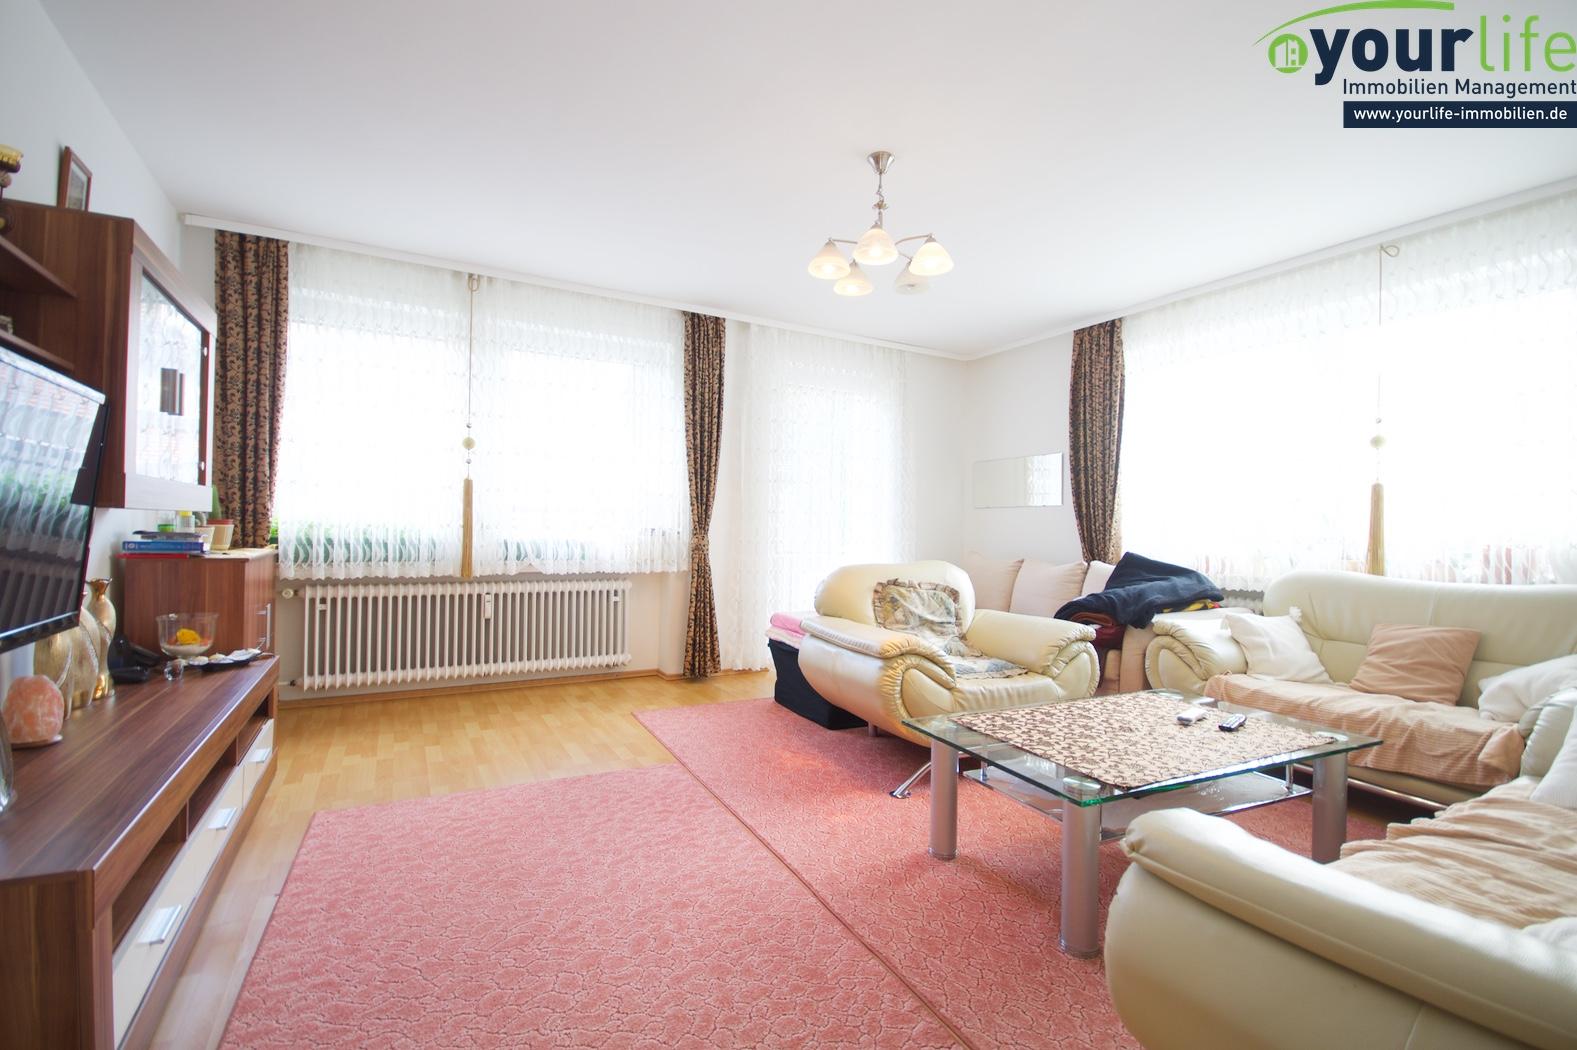 Immobilienmakler Bad Wörishofen badwoerishofen eigentumswohnung wohnzimmer1 yourlife